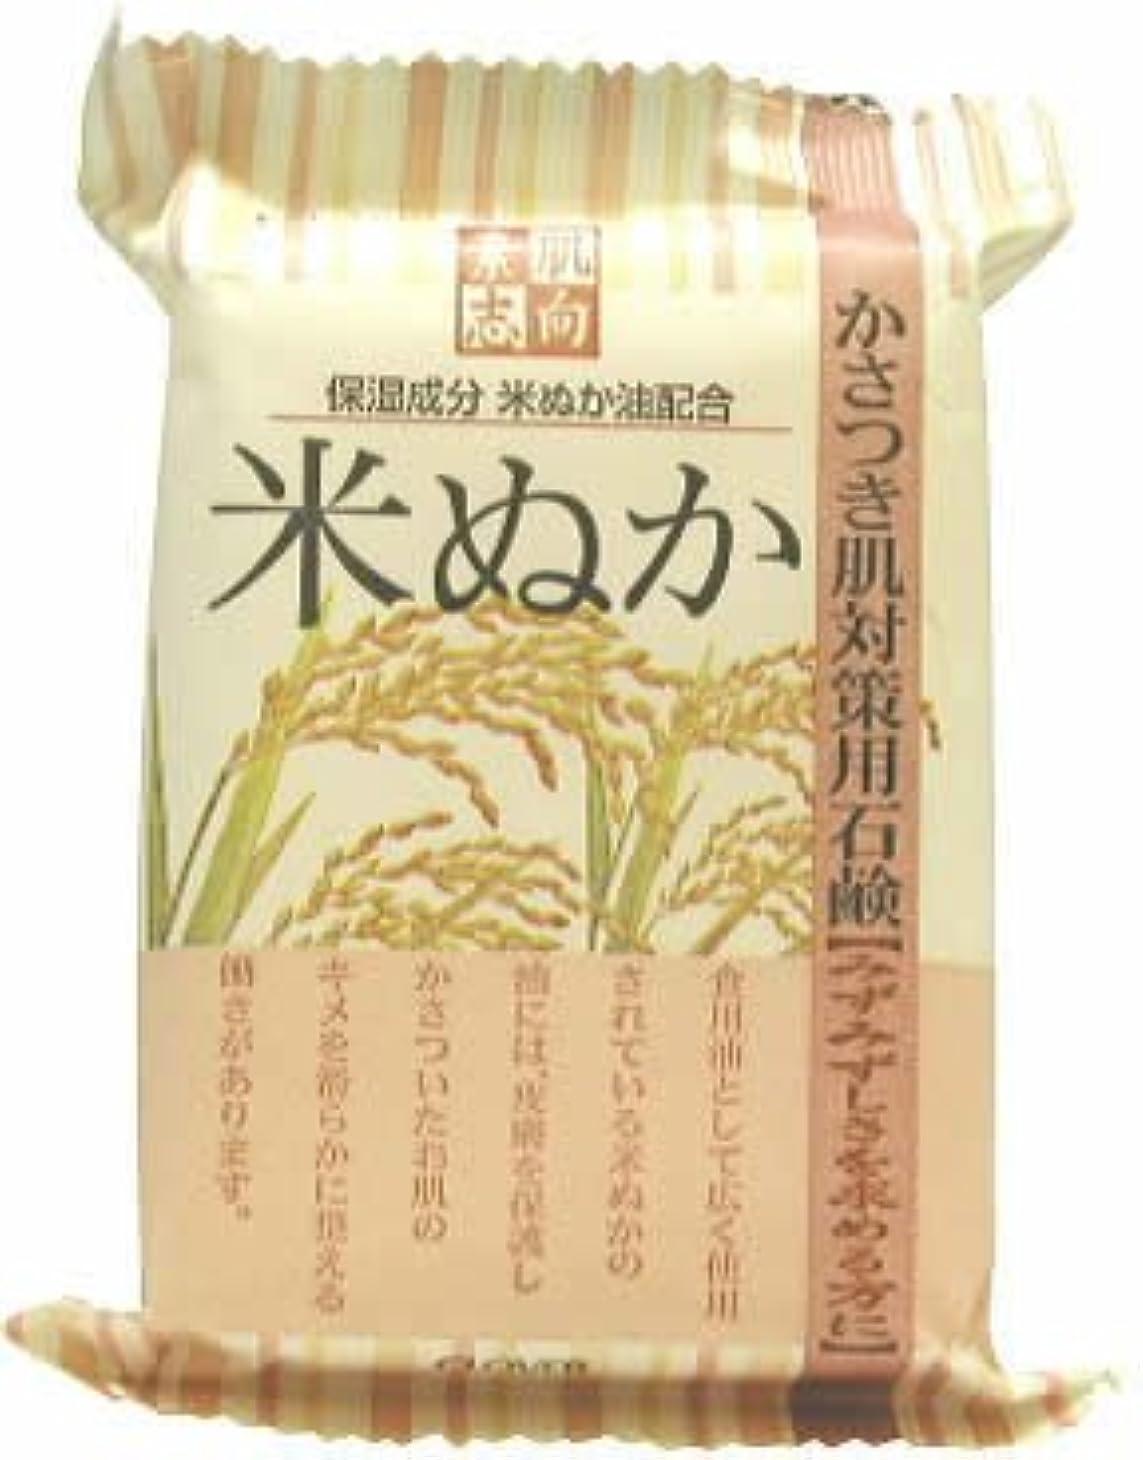 唯物論履歴書結論クロバー 素肌志向 米ぬか